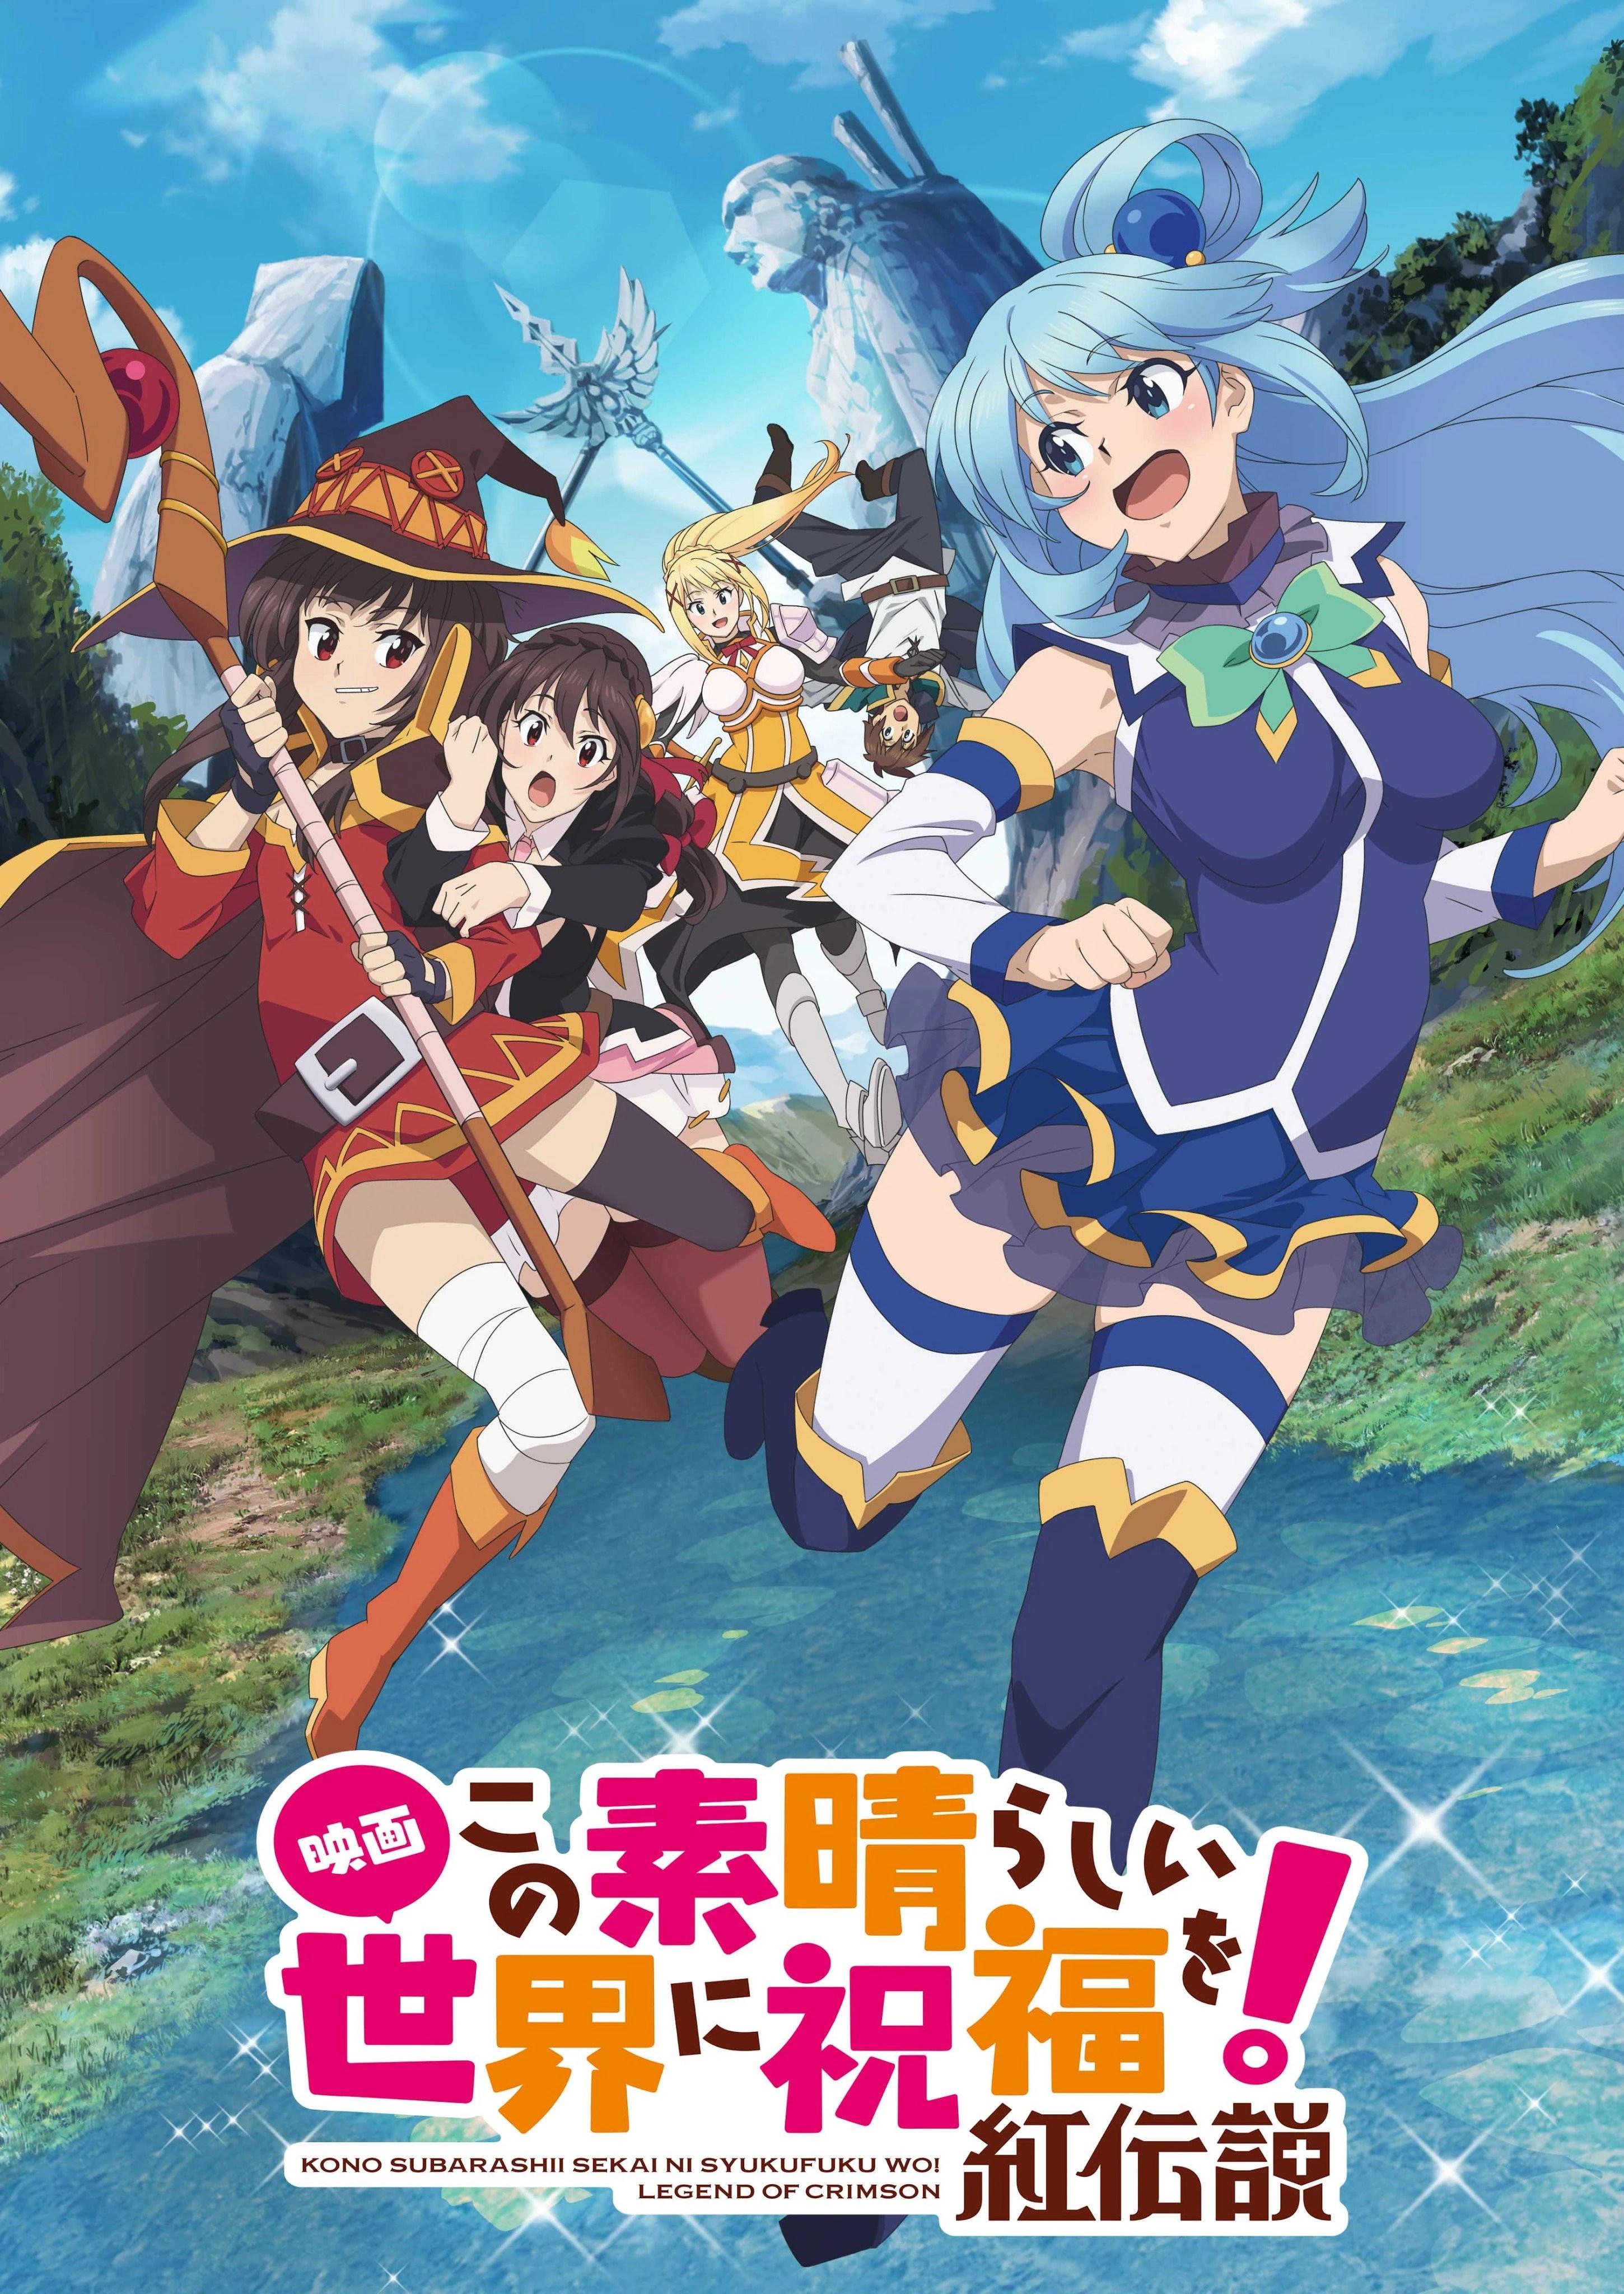 Konosuba Movie Kissanime : konosuba, movie, kissanime, Konosuba, Movie, Subarashii, Sekai, Shukufuku, Fandom